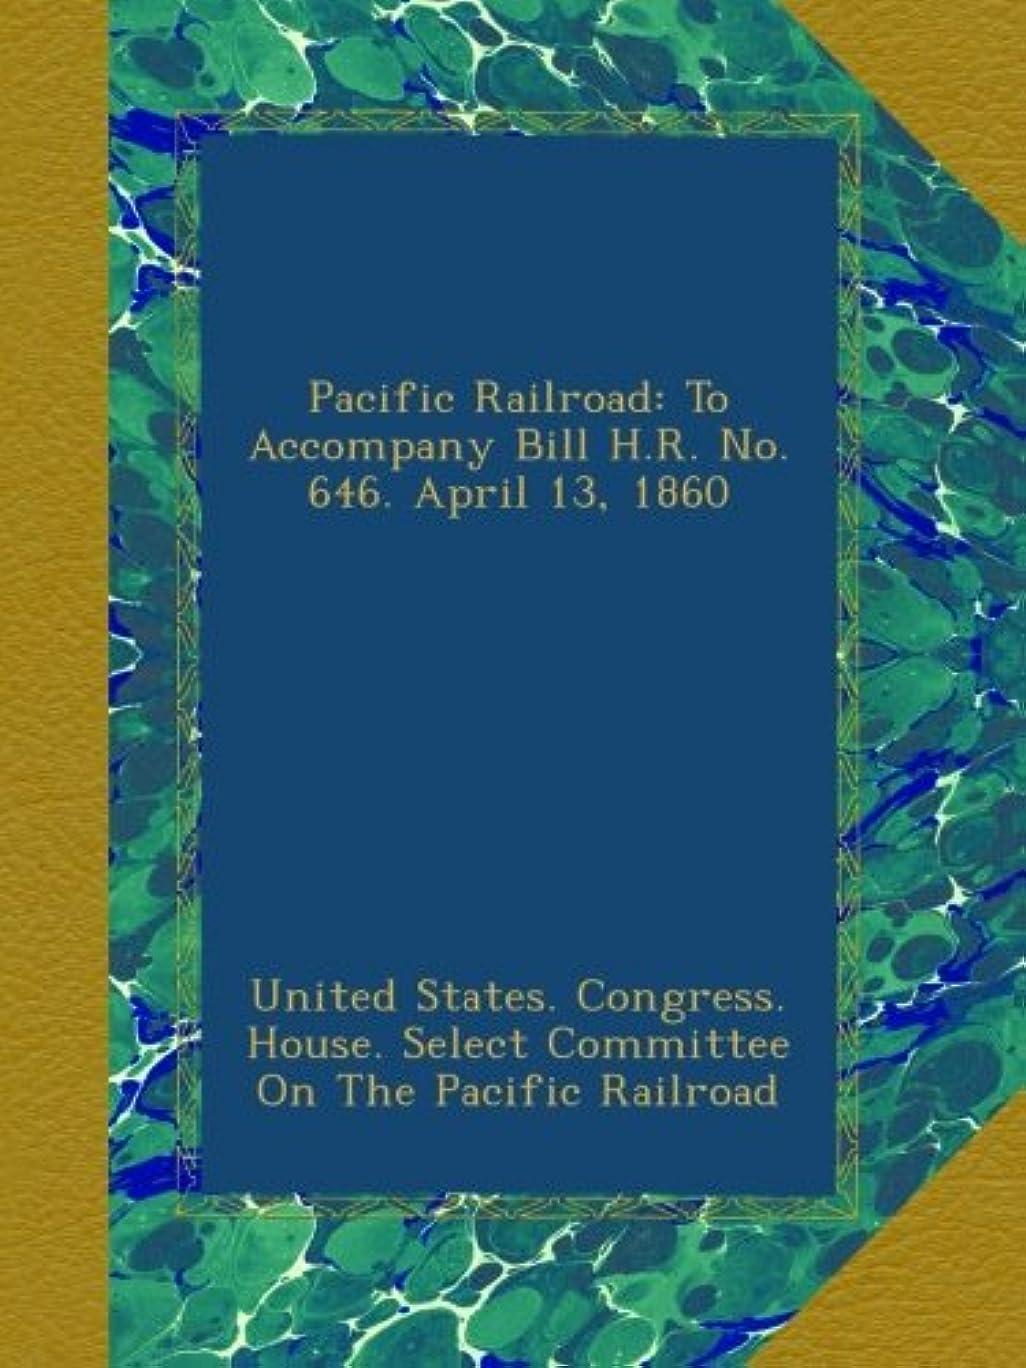 秘密の初期の橋脚Pacific Railroad: To Accompany Bill H.R. No. 646. April 13, 1860